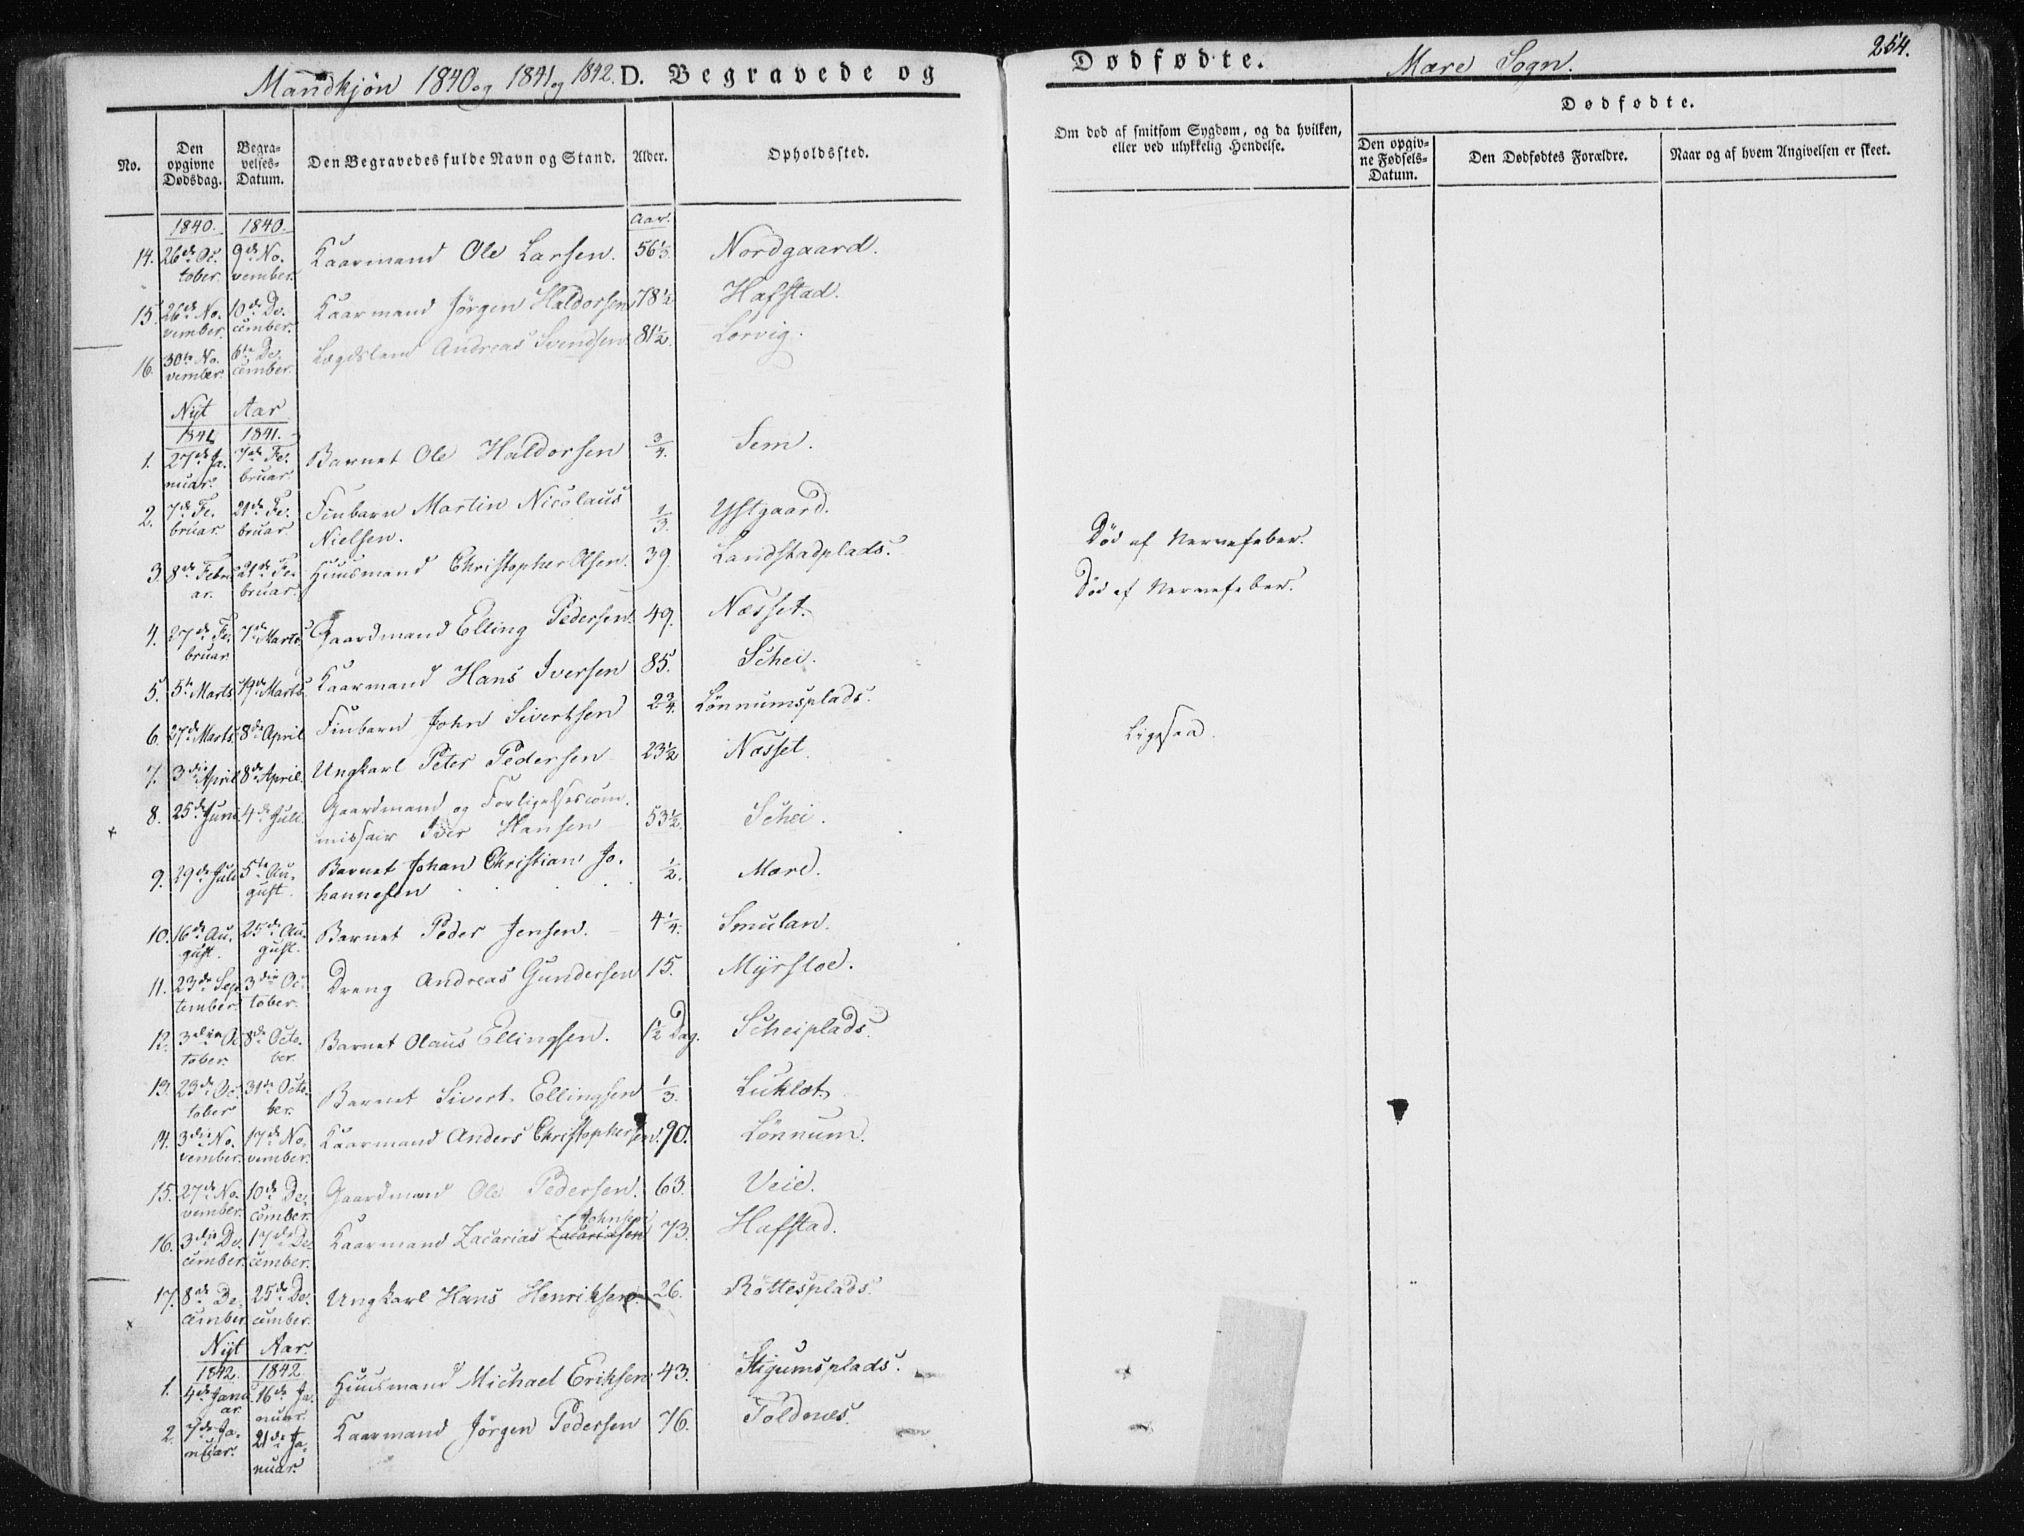 SAT, Ministerialprotokoller, klokkerbøker og fødselsregistre - Nord-Trøndelag, 735/L0339: Ministerialbok nr. 735A06 /1, 1836-1848, s. 254